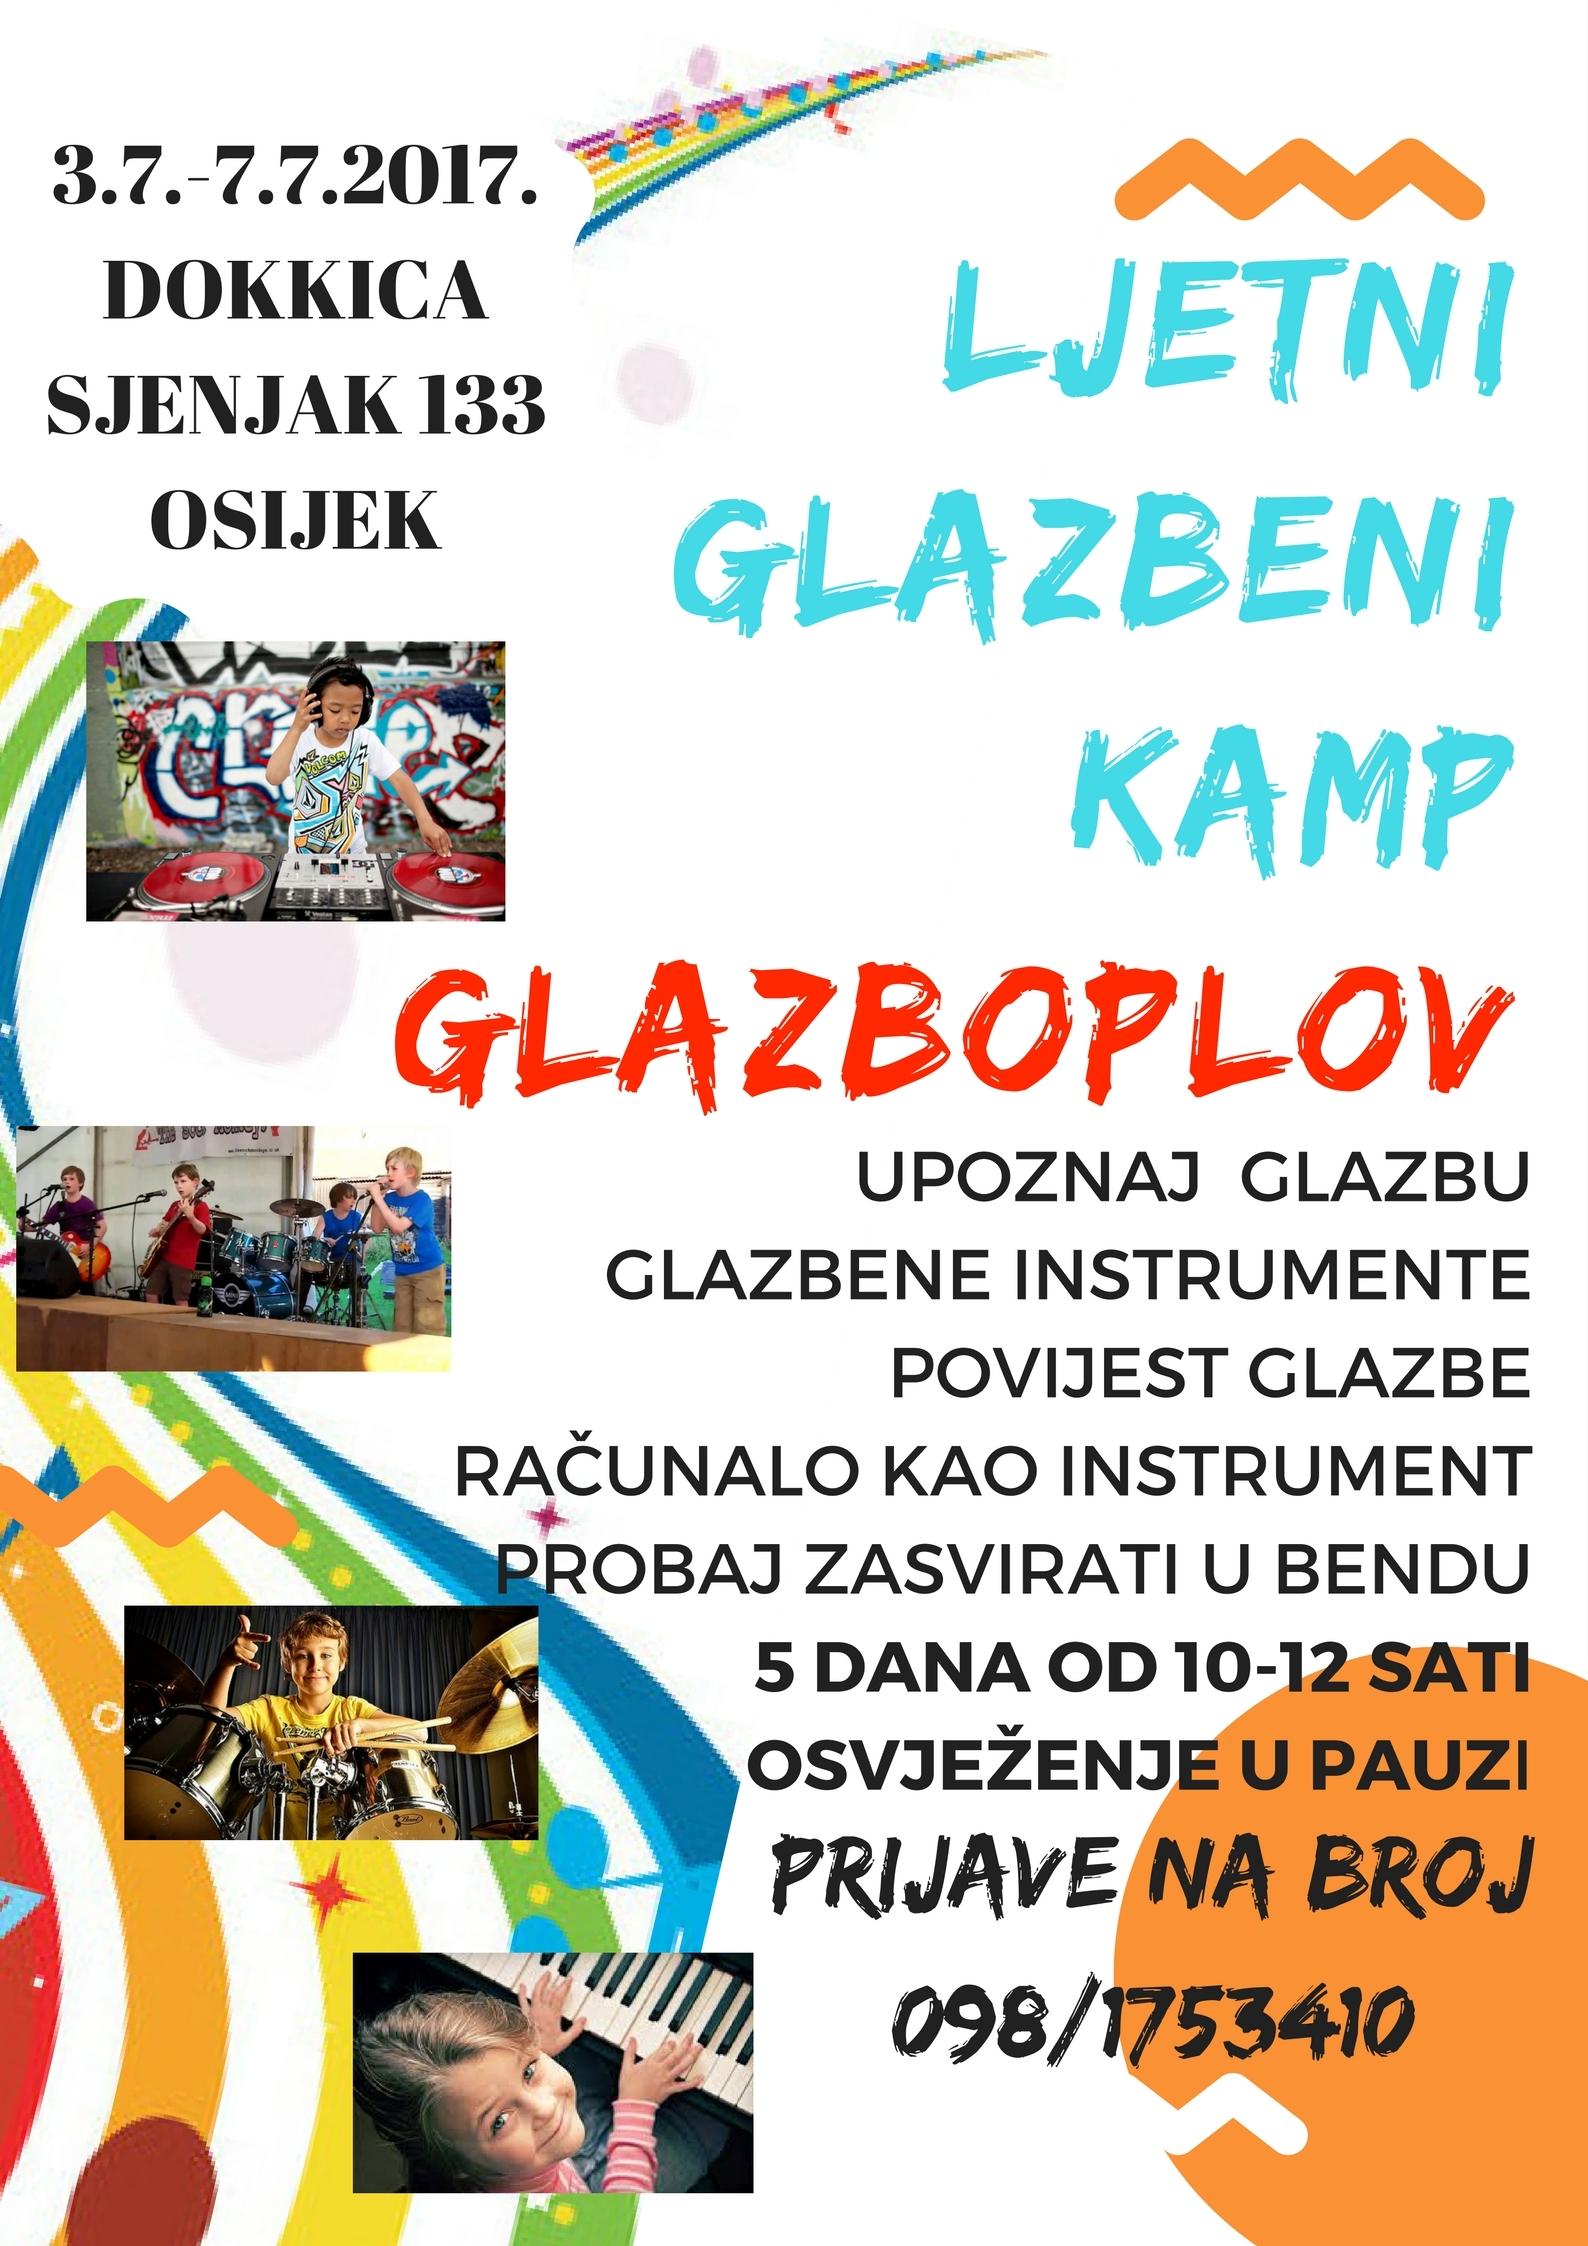 <p>Centar za djecu i mlade Pozitivni i sretni Čepin u suradnji s Dokkicom od 3. do 7. srpnja 2017. organizira <strong>Ljetni glazbeni kamp 'Glazboplov'</strong> s ciljem pružanja podrške roditeljima u glazbenom odgoju djece, razvoja glazbenih potencijala djece i pružanja mogućnosti kvalitetnog slobodnoga vremena.</p>